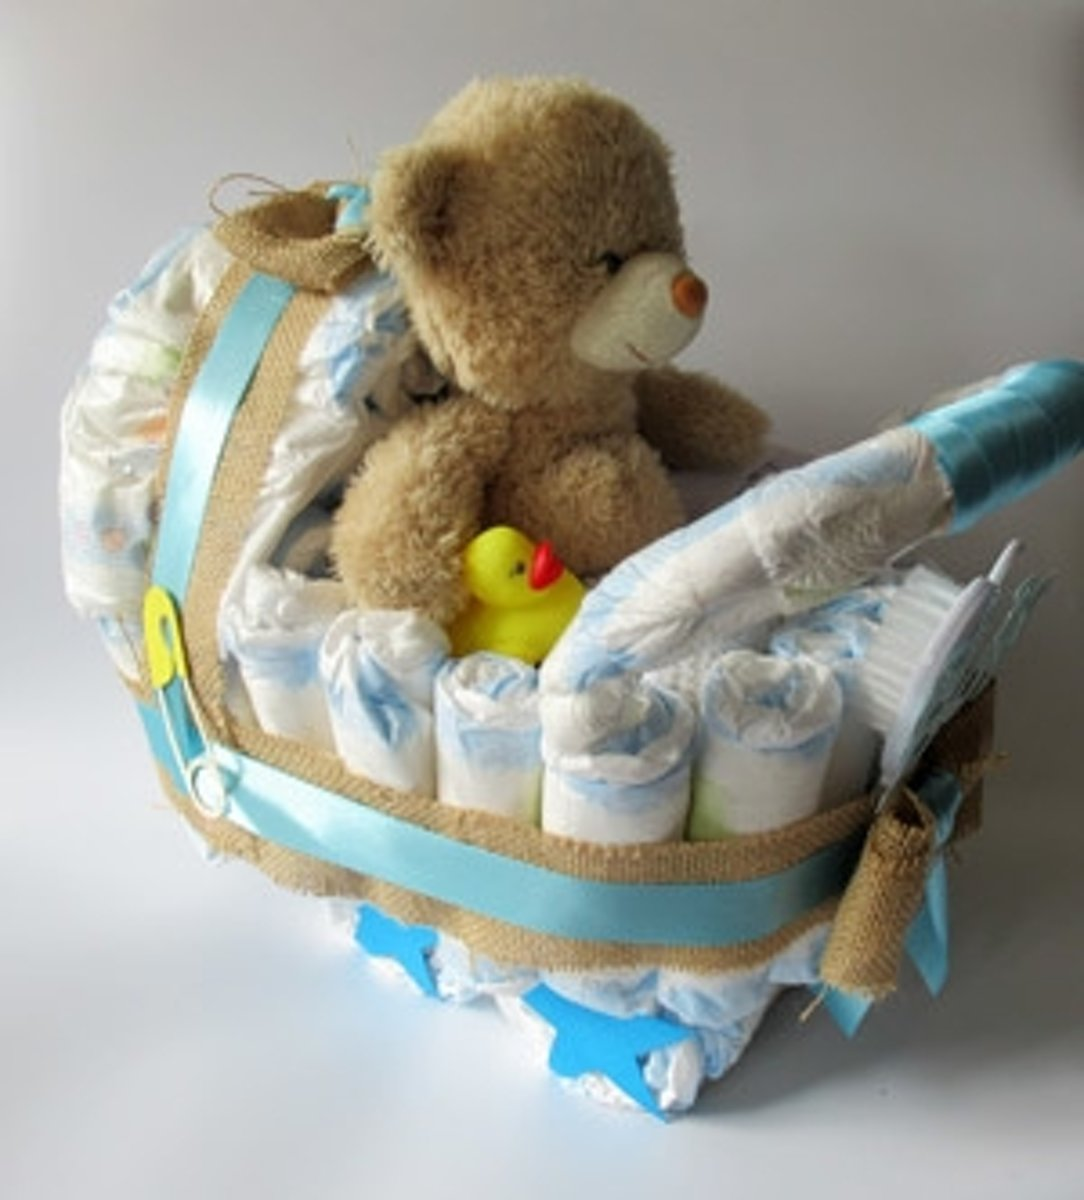 Luiertaart Kinderwagen Beer Blauw | Kraamcadeau | Kraampakket | Baby Cadeau